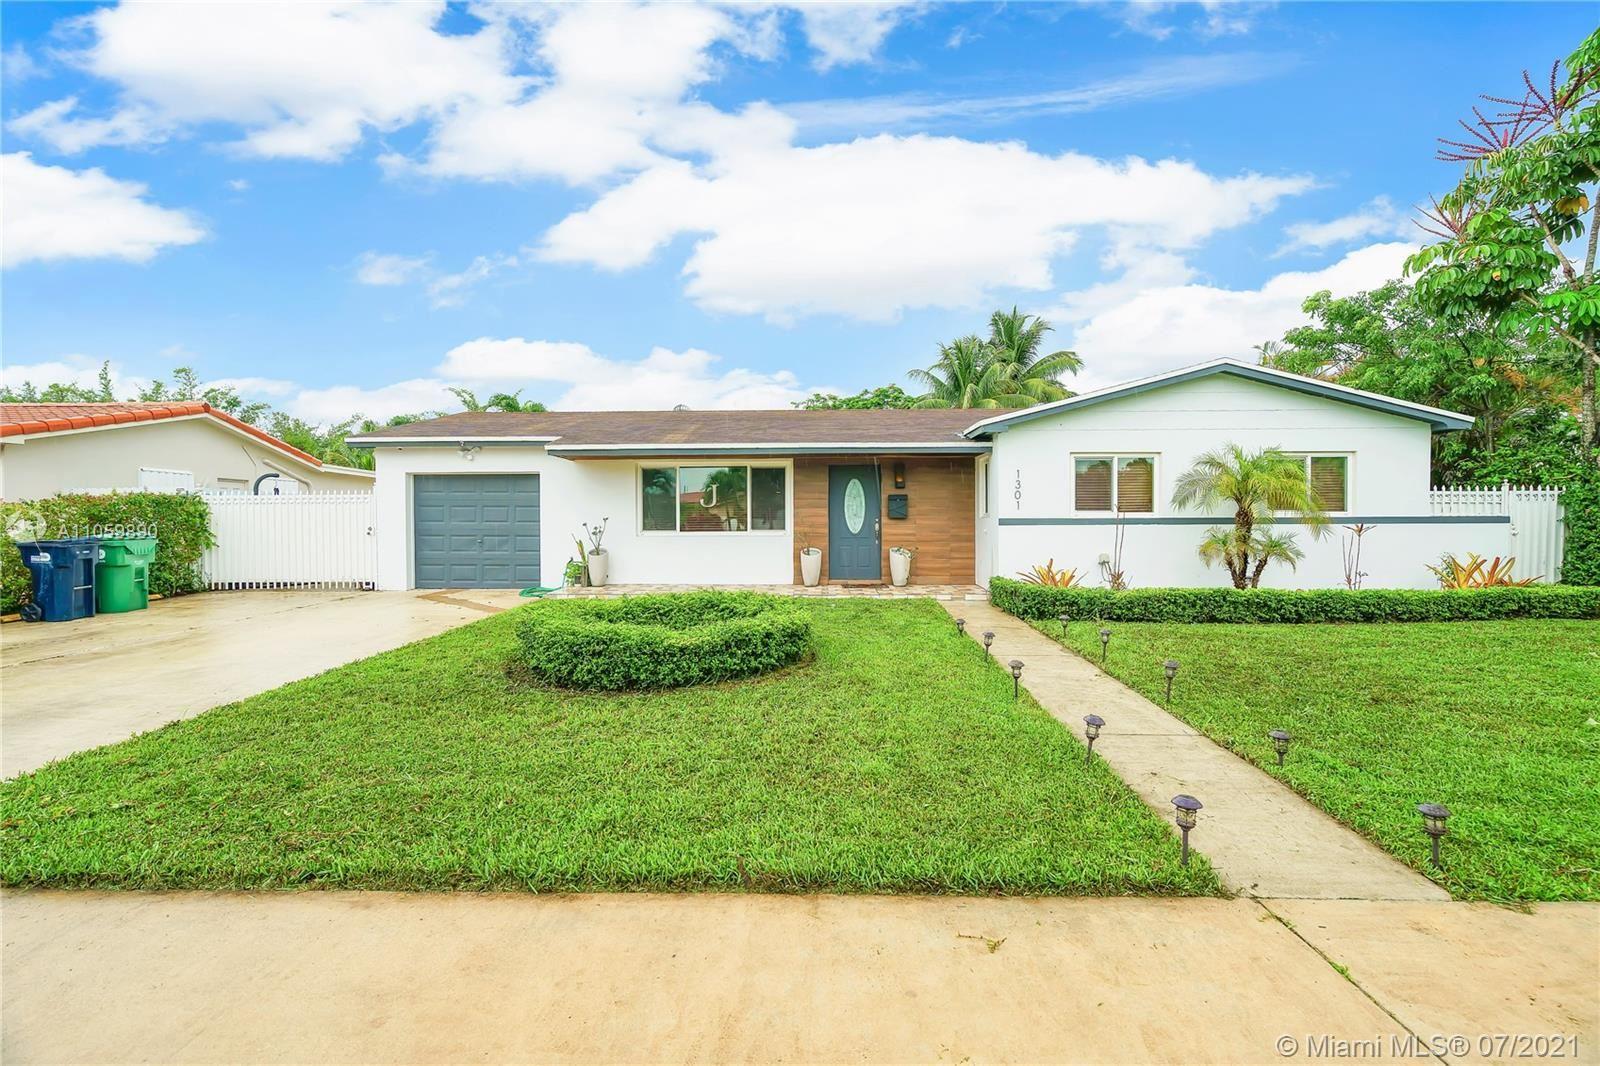 1301 SW 99th Ct, Miami, FL 33174 - #: A11059890